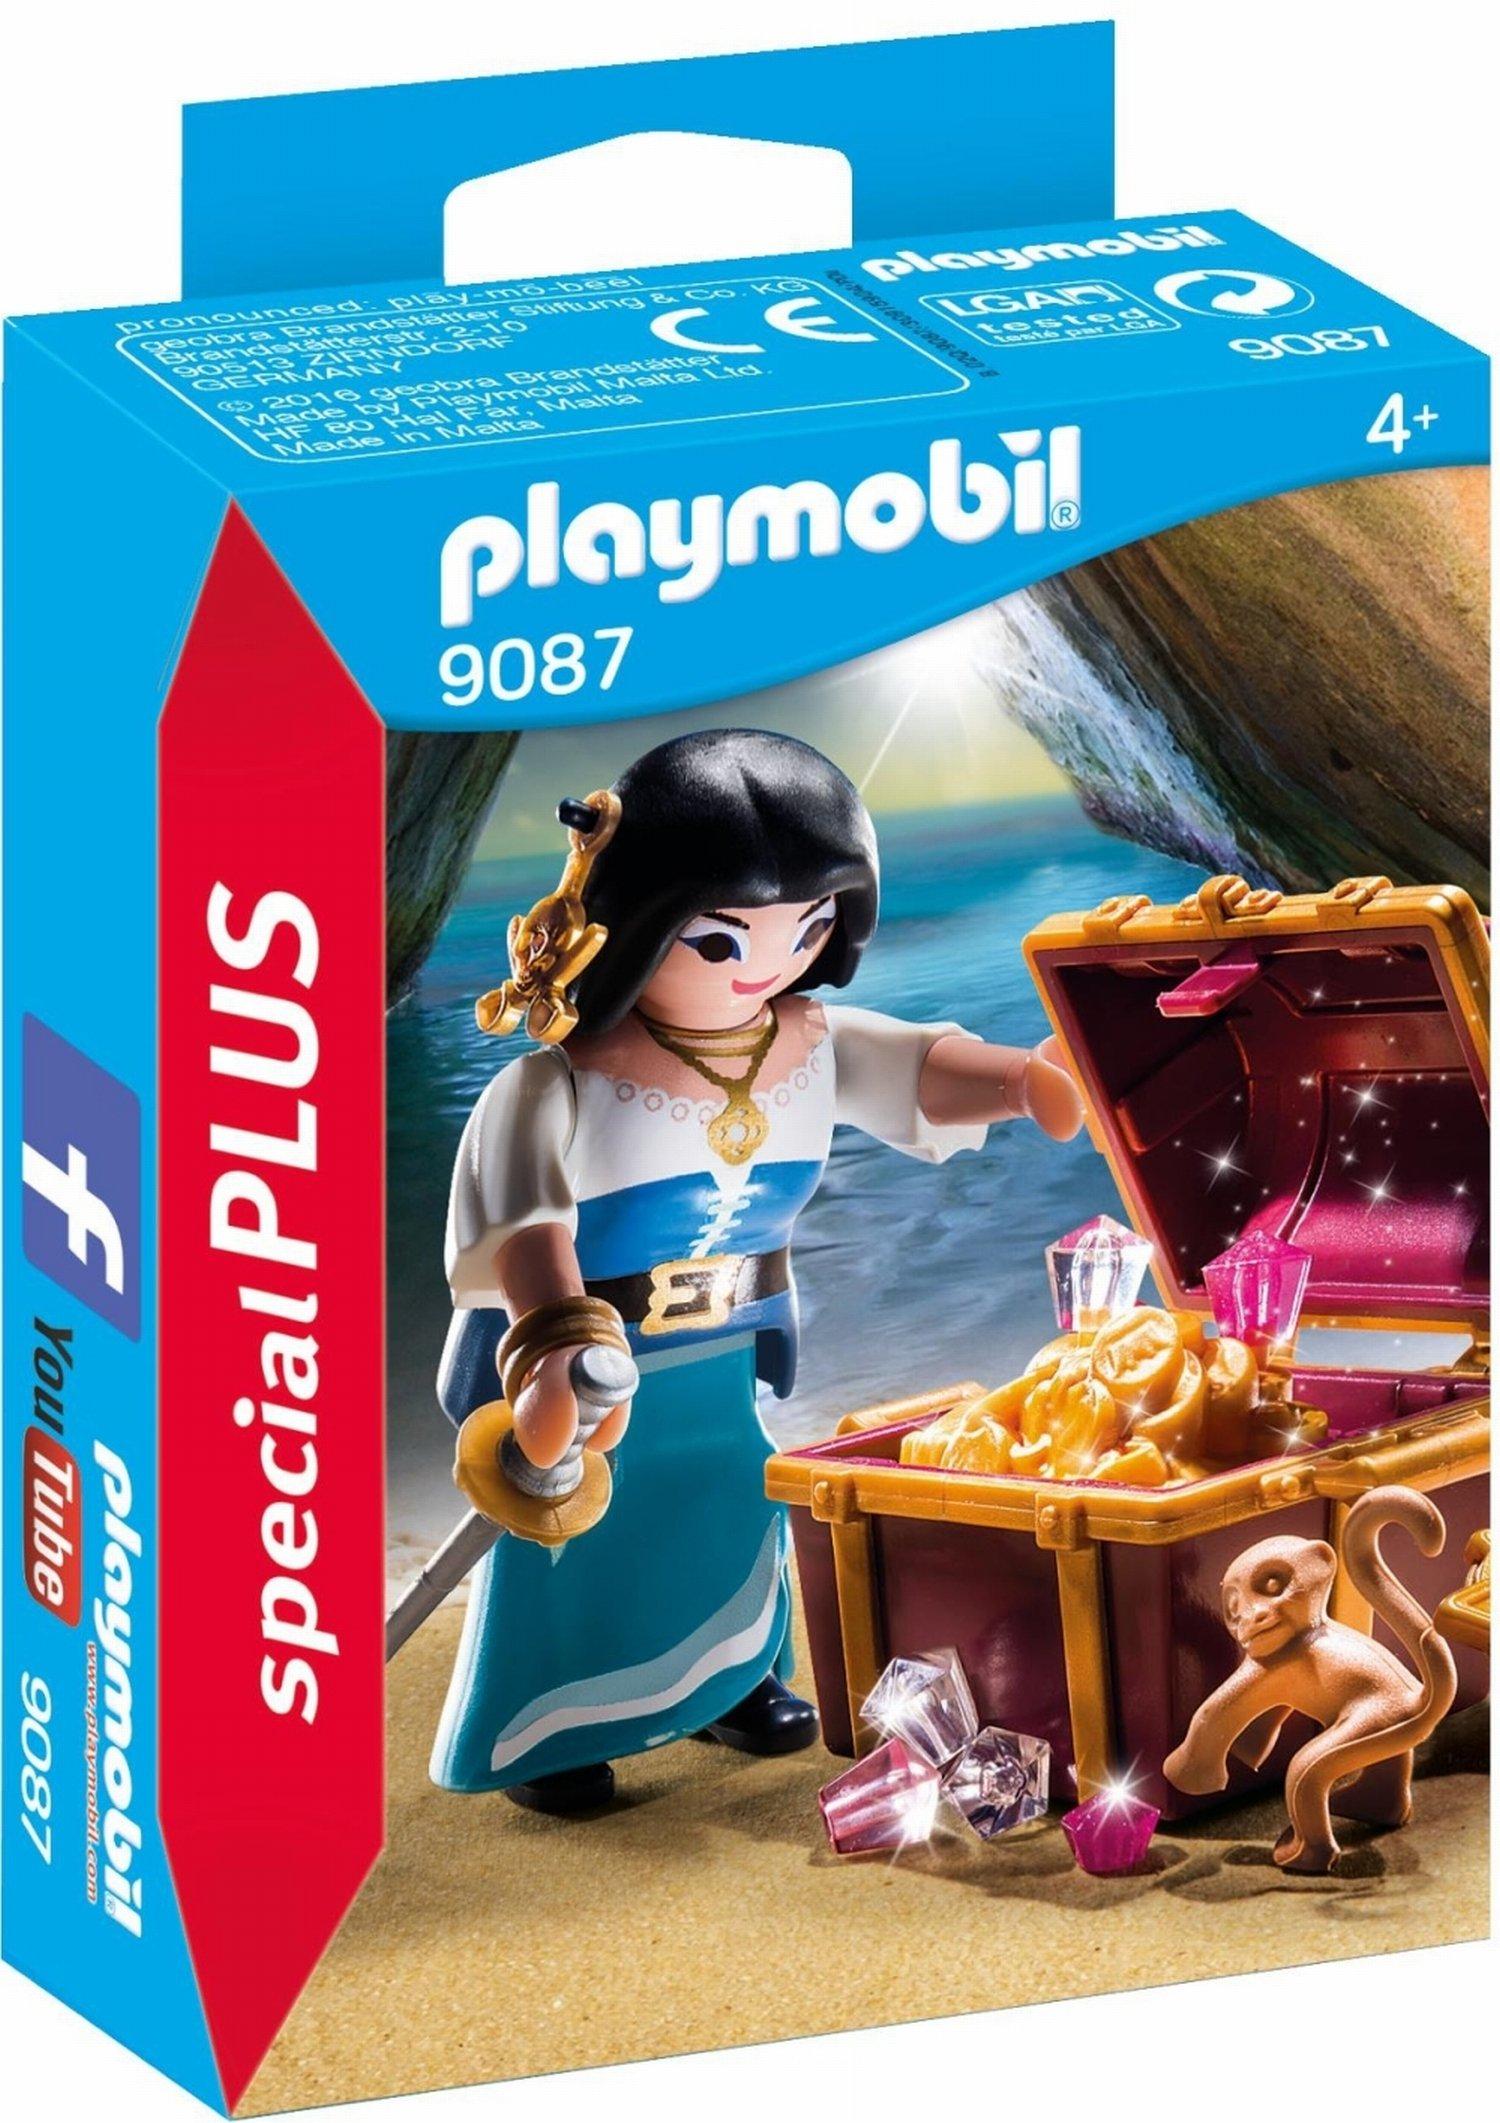 PLAYMOBIL Especiales Plus-9087 Pirata con Tesoro, Multicolor, única (9087): Amazon.es: Juguetes y juegos